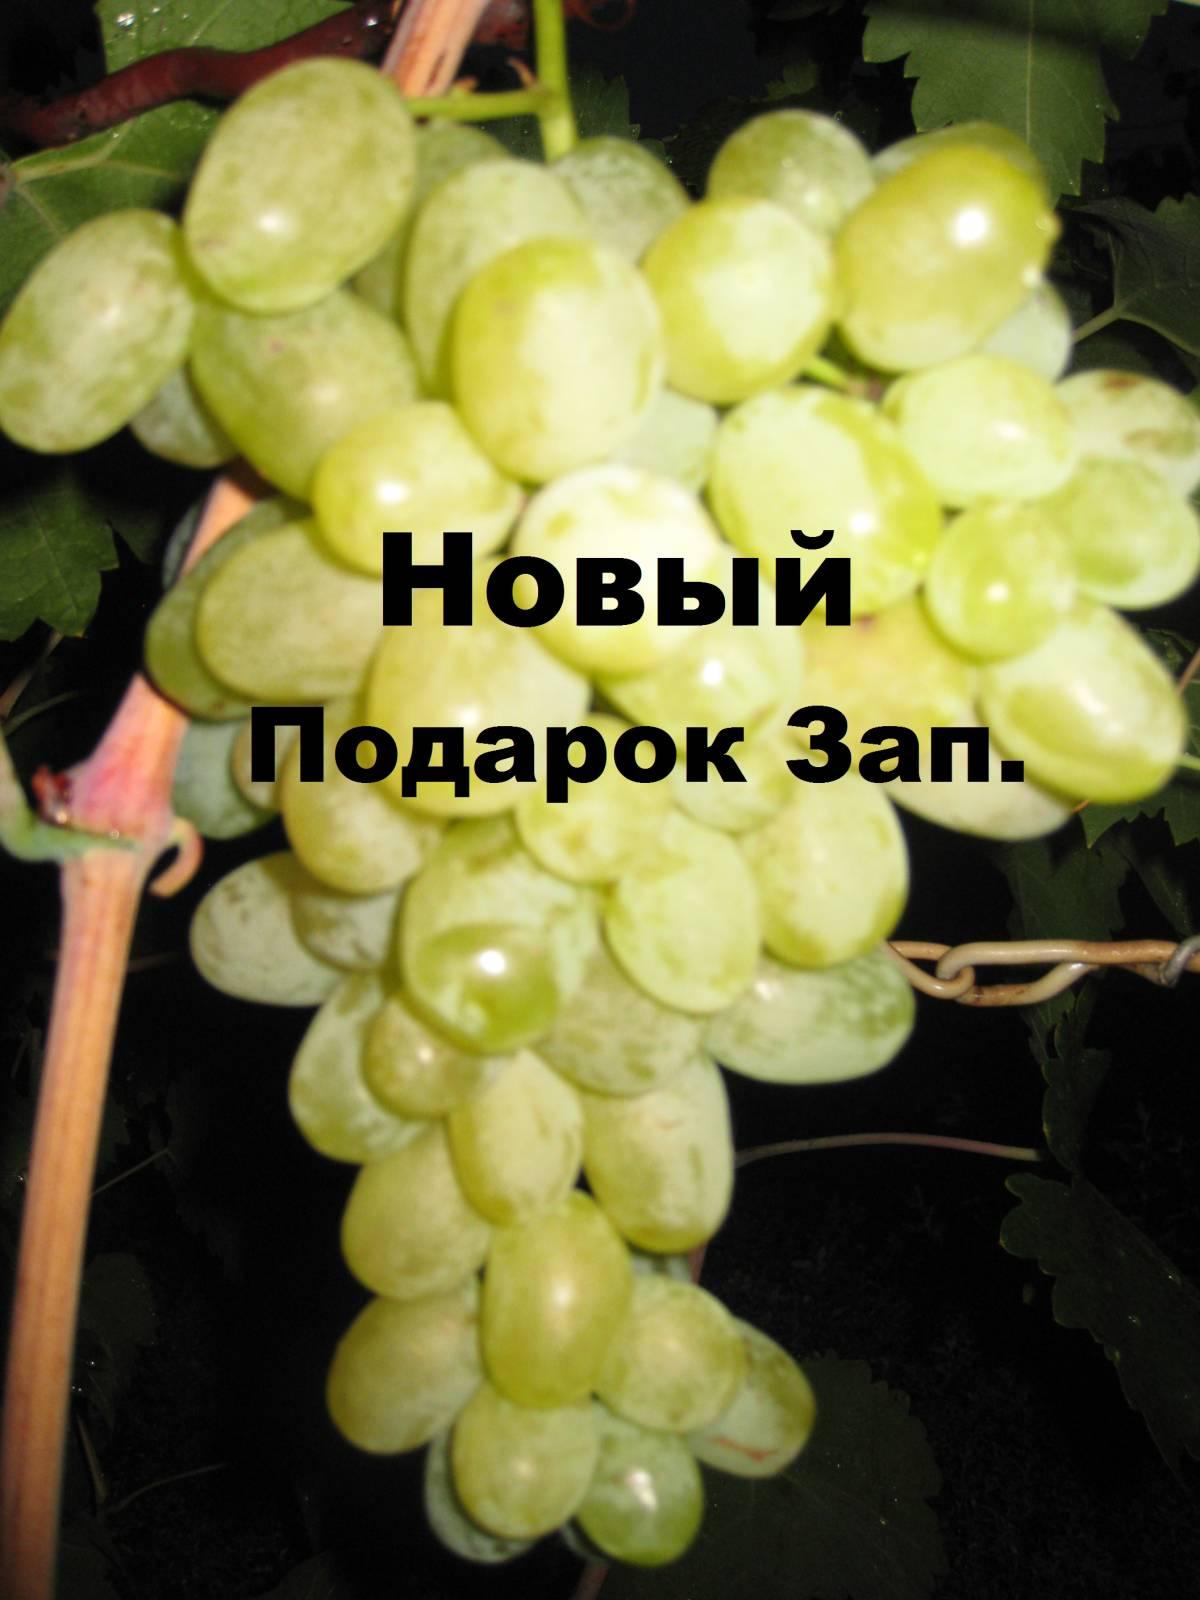 Описание винограда подарок запорожью 371